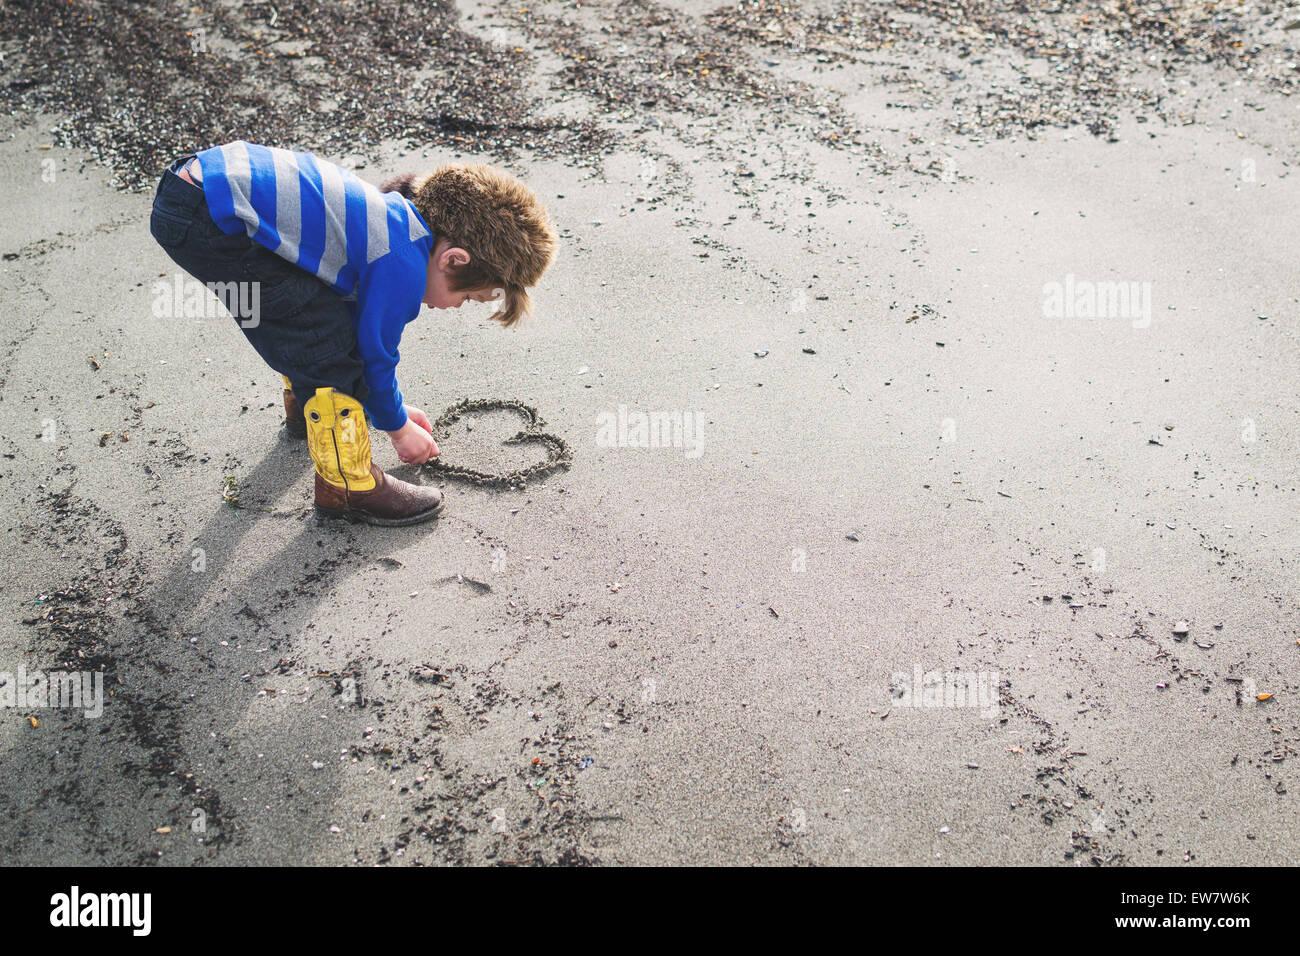 Junge in Cowboystiefeln und Waschbär Hut zeichnen ein Herz in den sand Stockbild